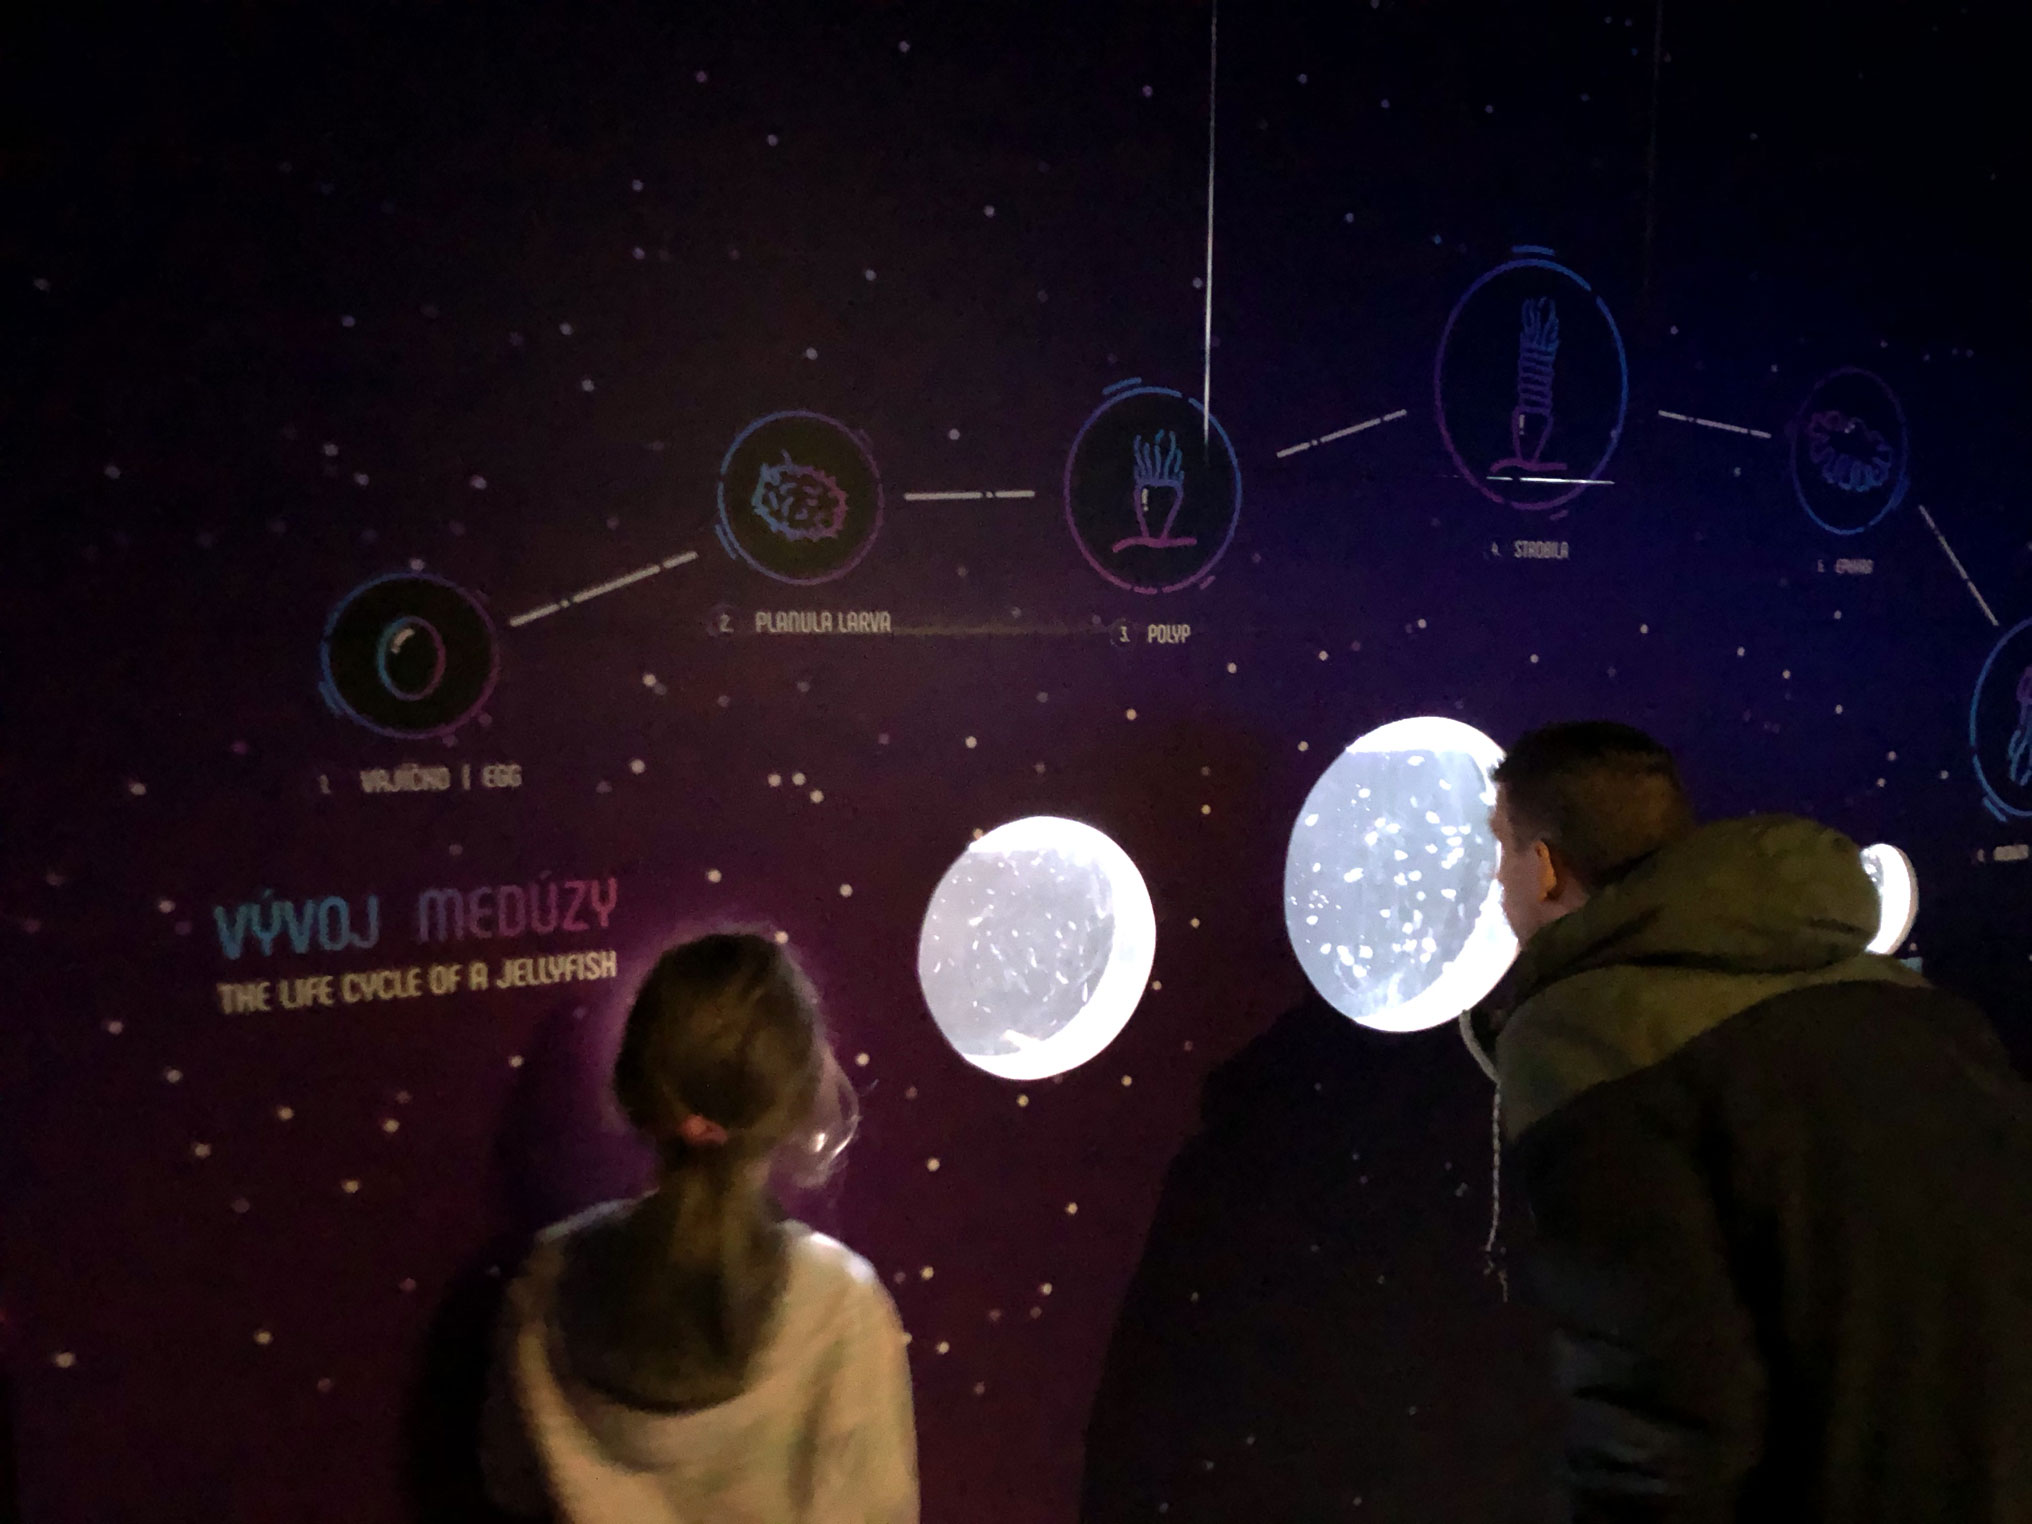 Vývoj medúzy Praha